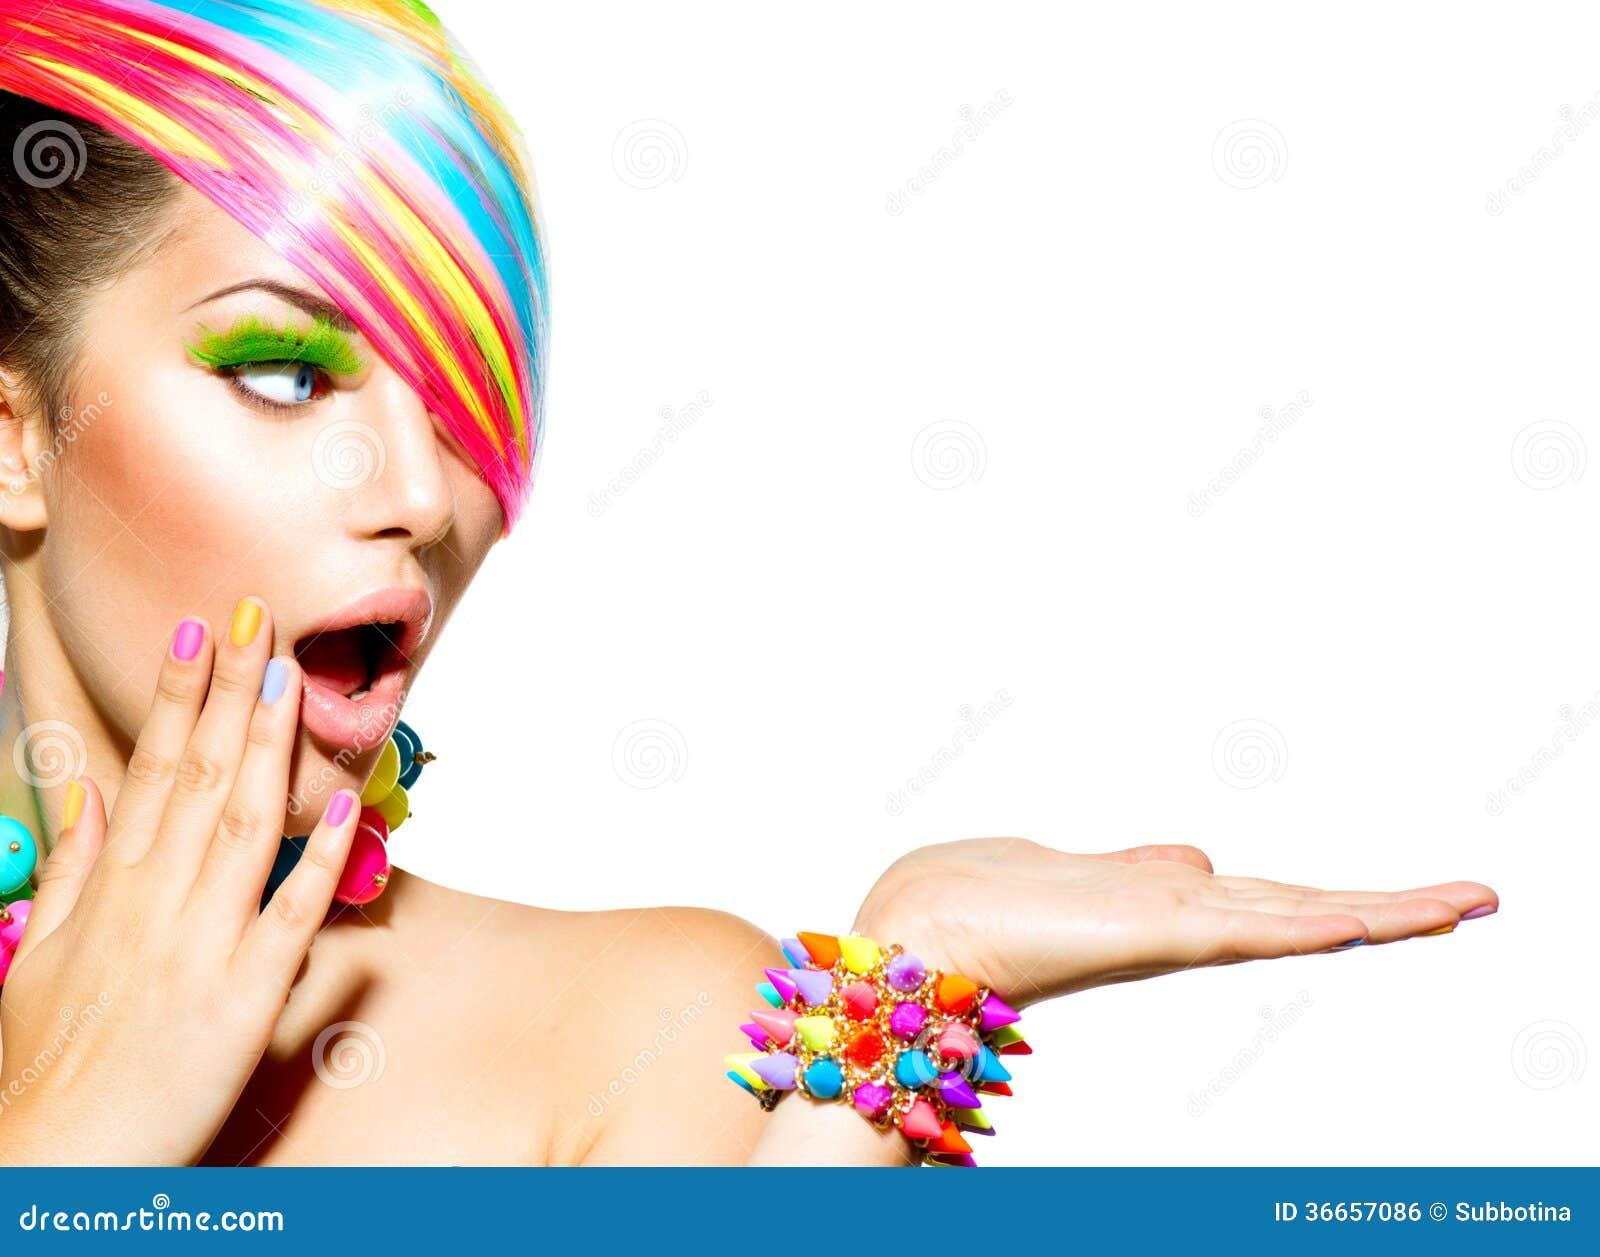 Frau mit buntem Make-up